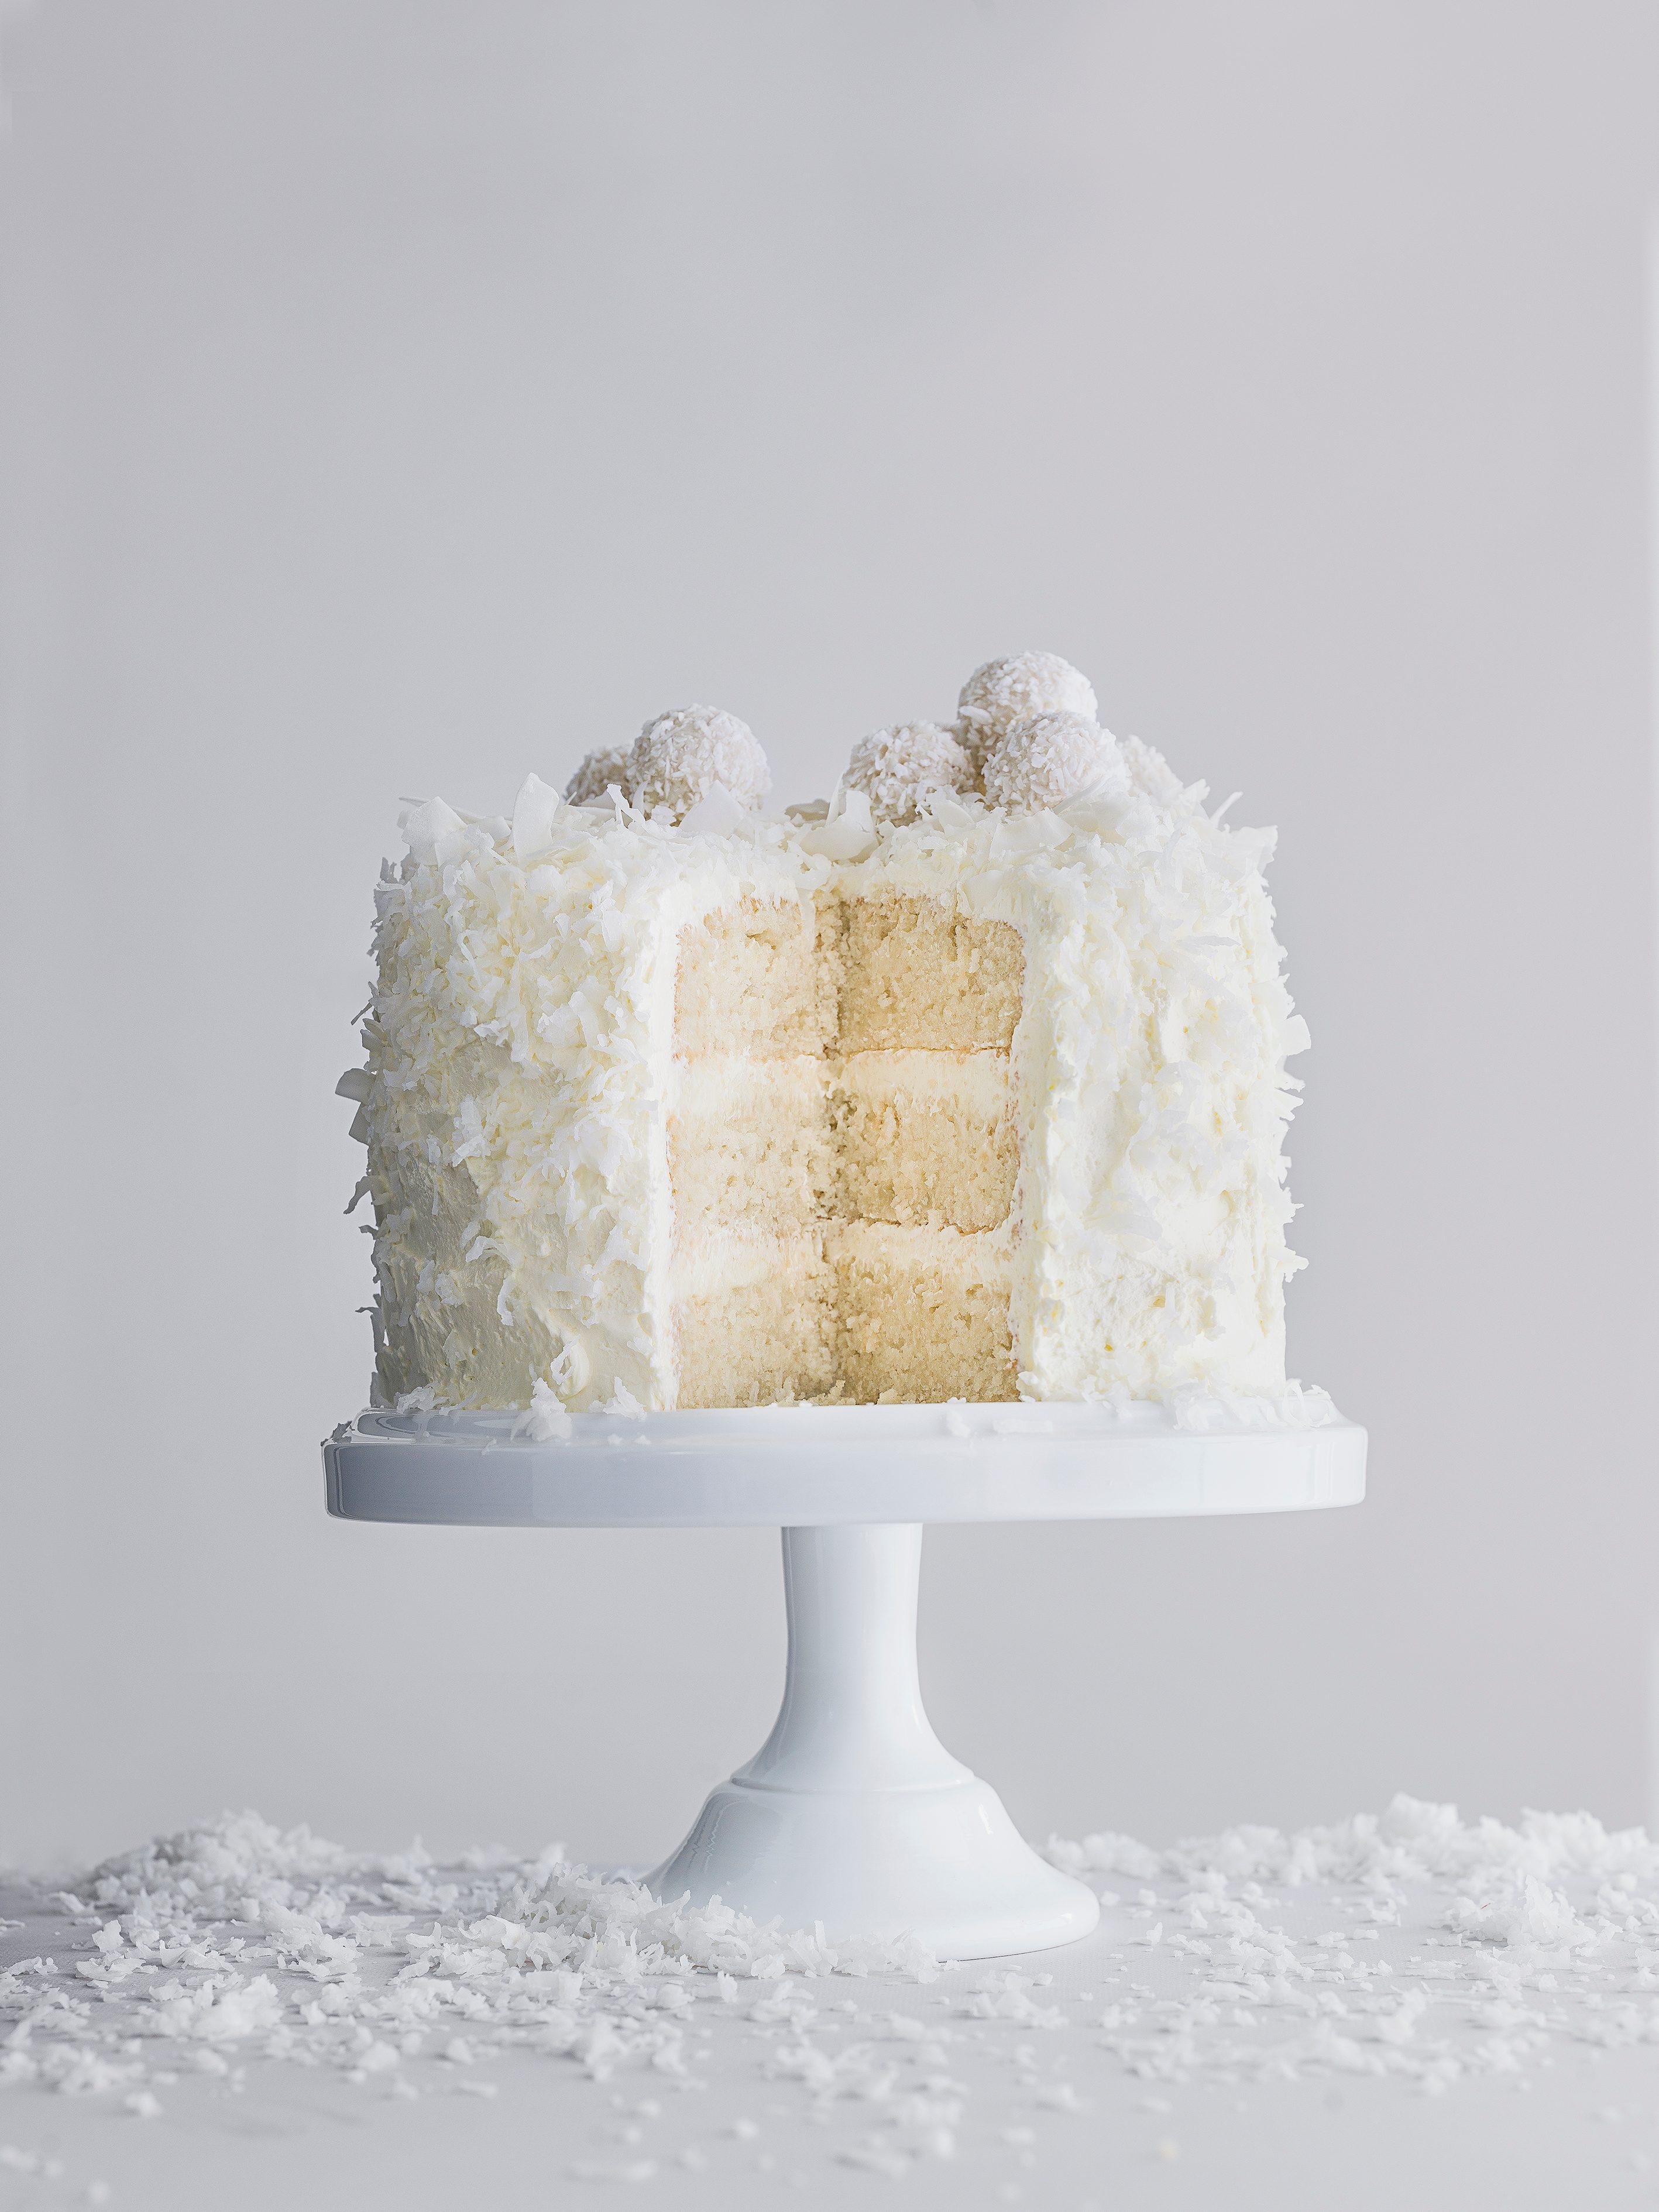 Tort cu bile de zăpadă (Rețetă de tort cu nucă de cocos)